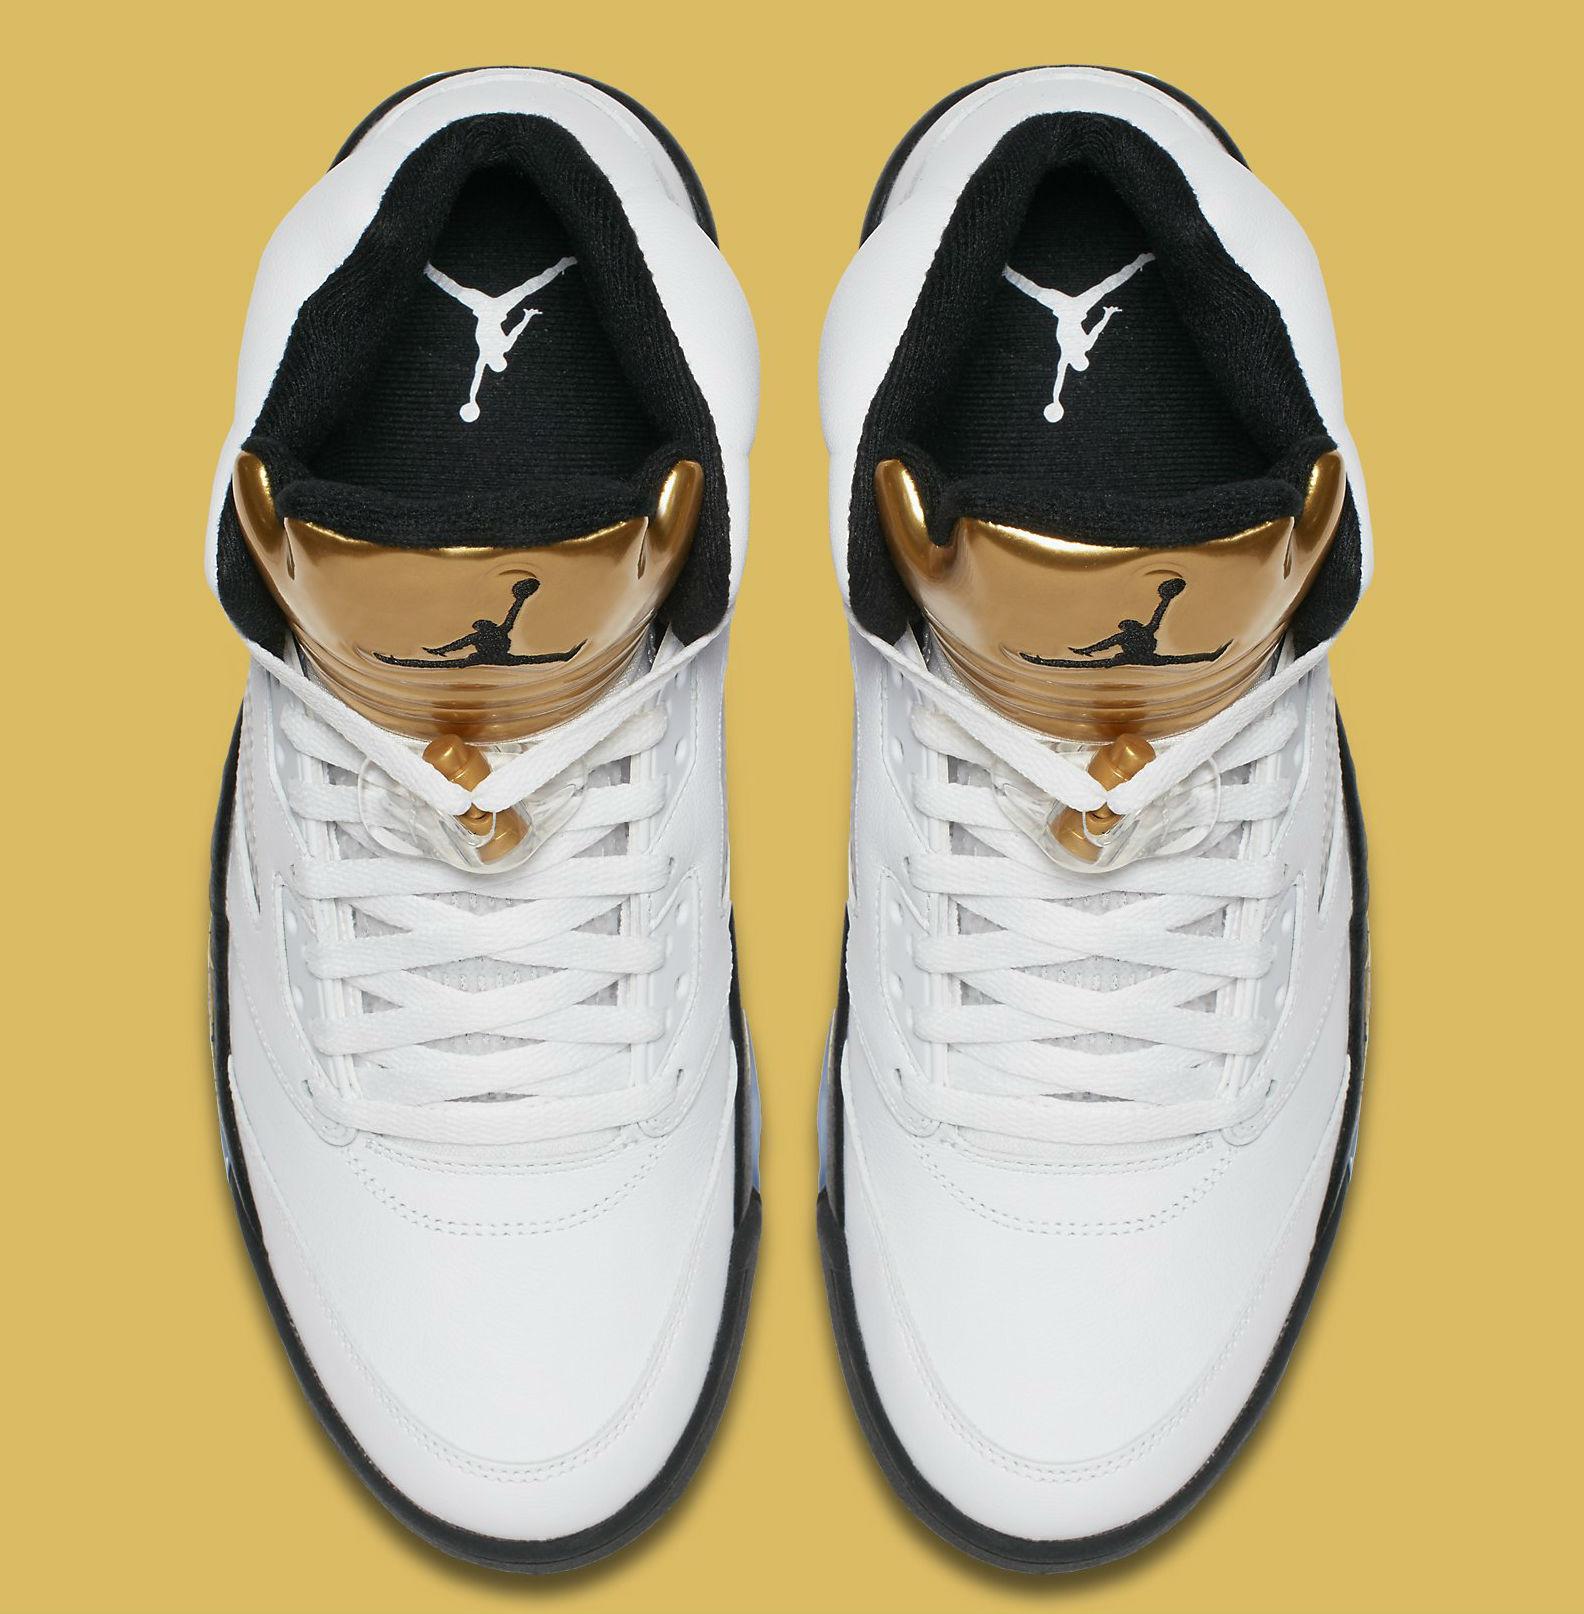 Gold Jordan 5 Release Date Top 136027-133